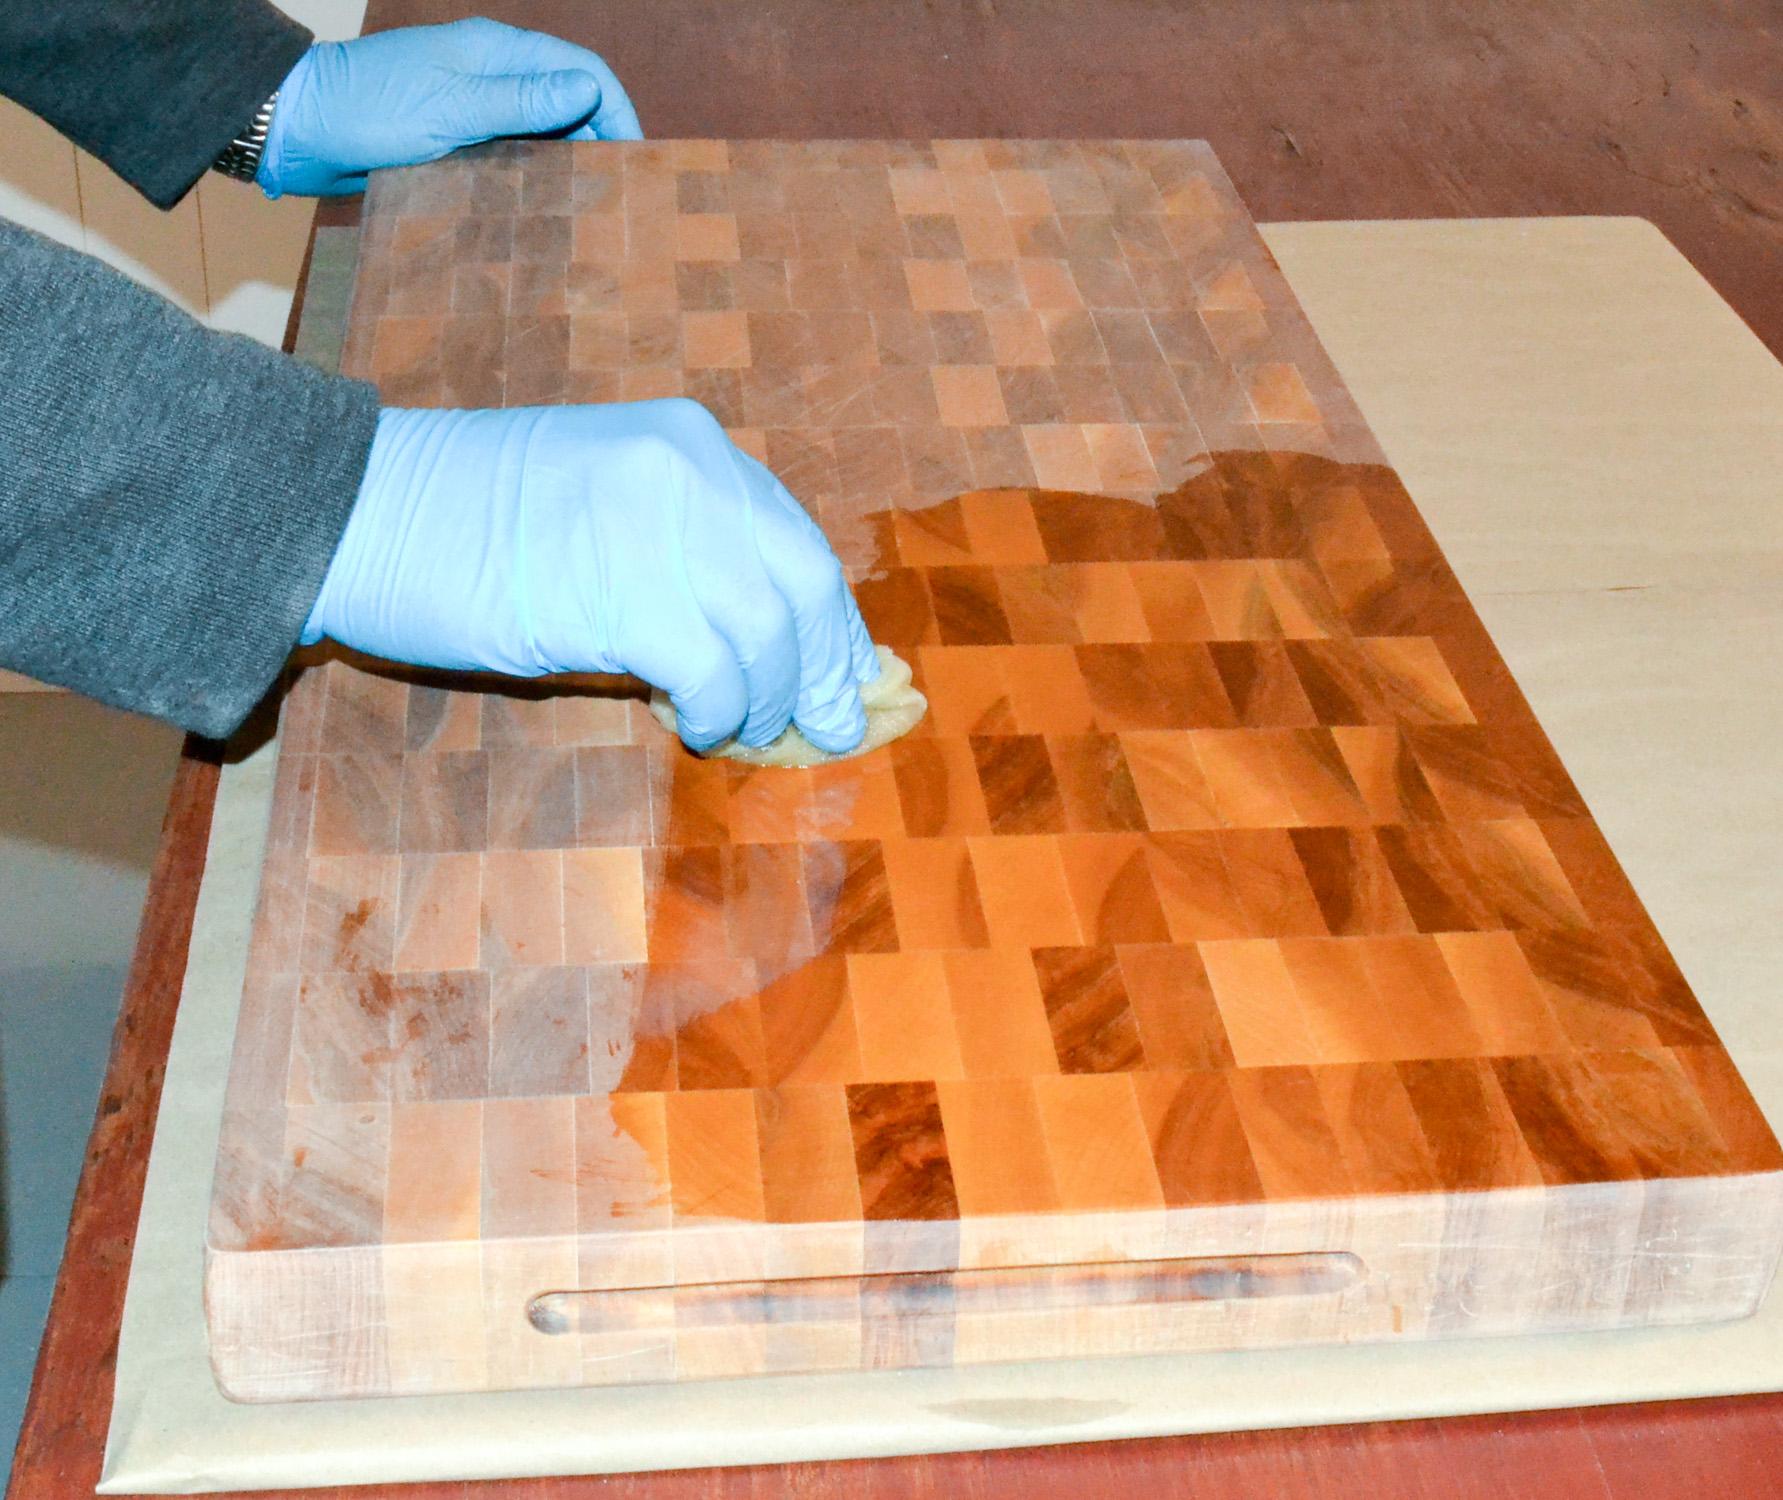 Finition et entretien d 39 une planche d couper d 39 un bloc de boucher - Huile pour plan de travail bois ...